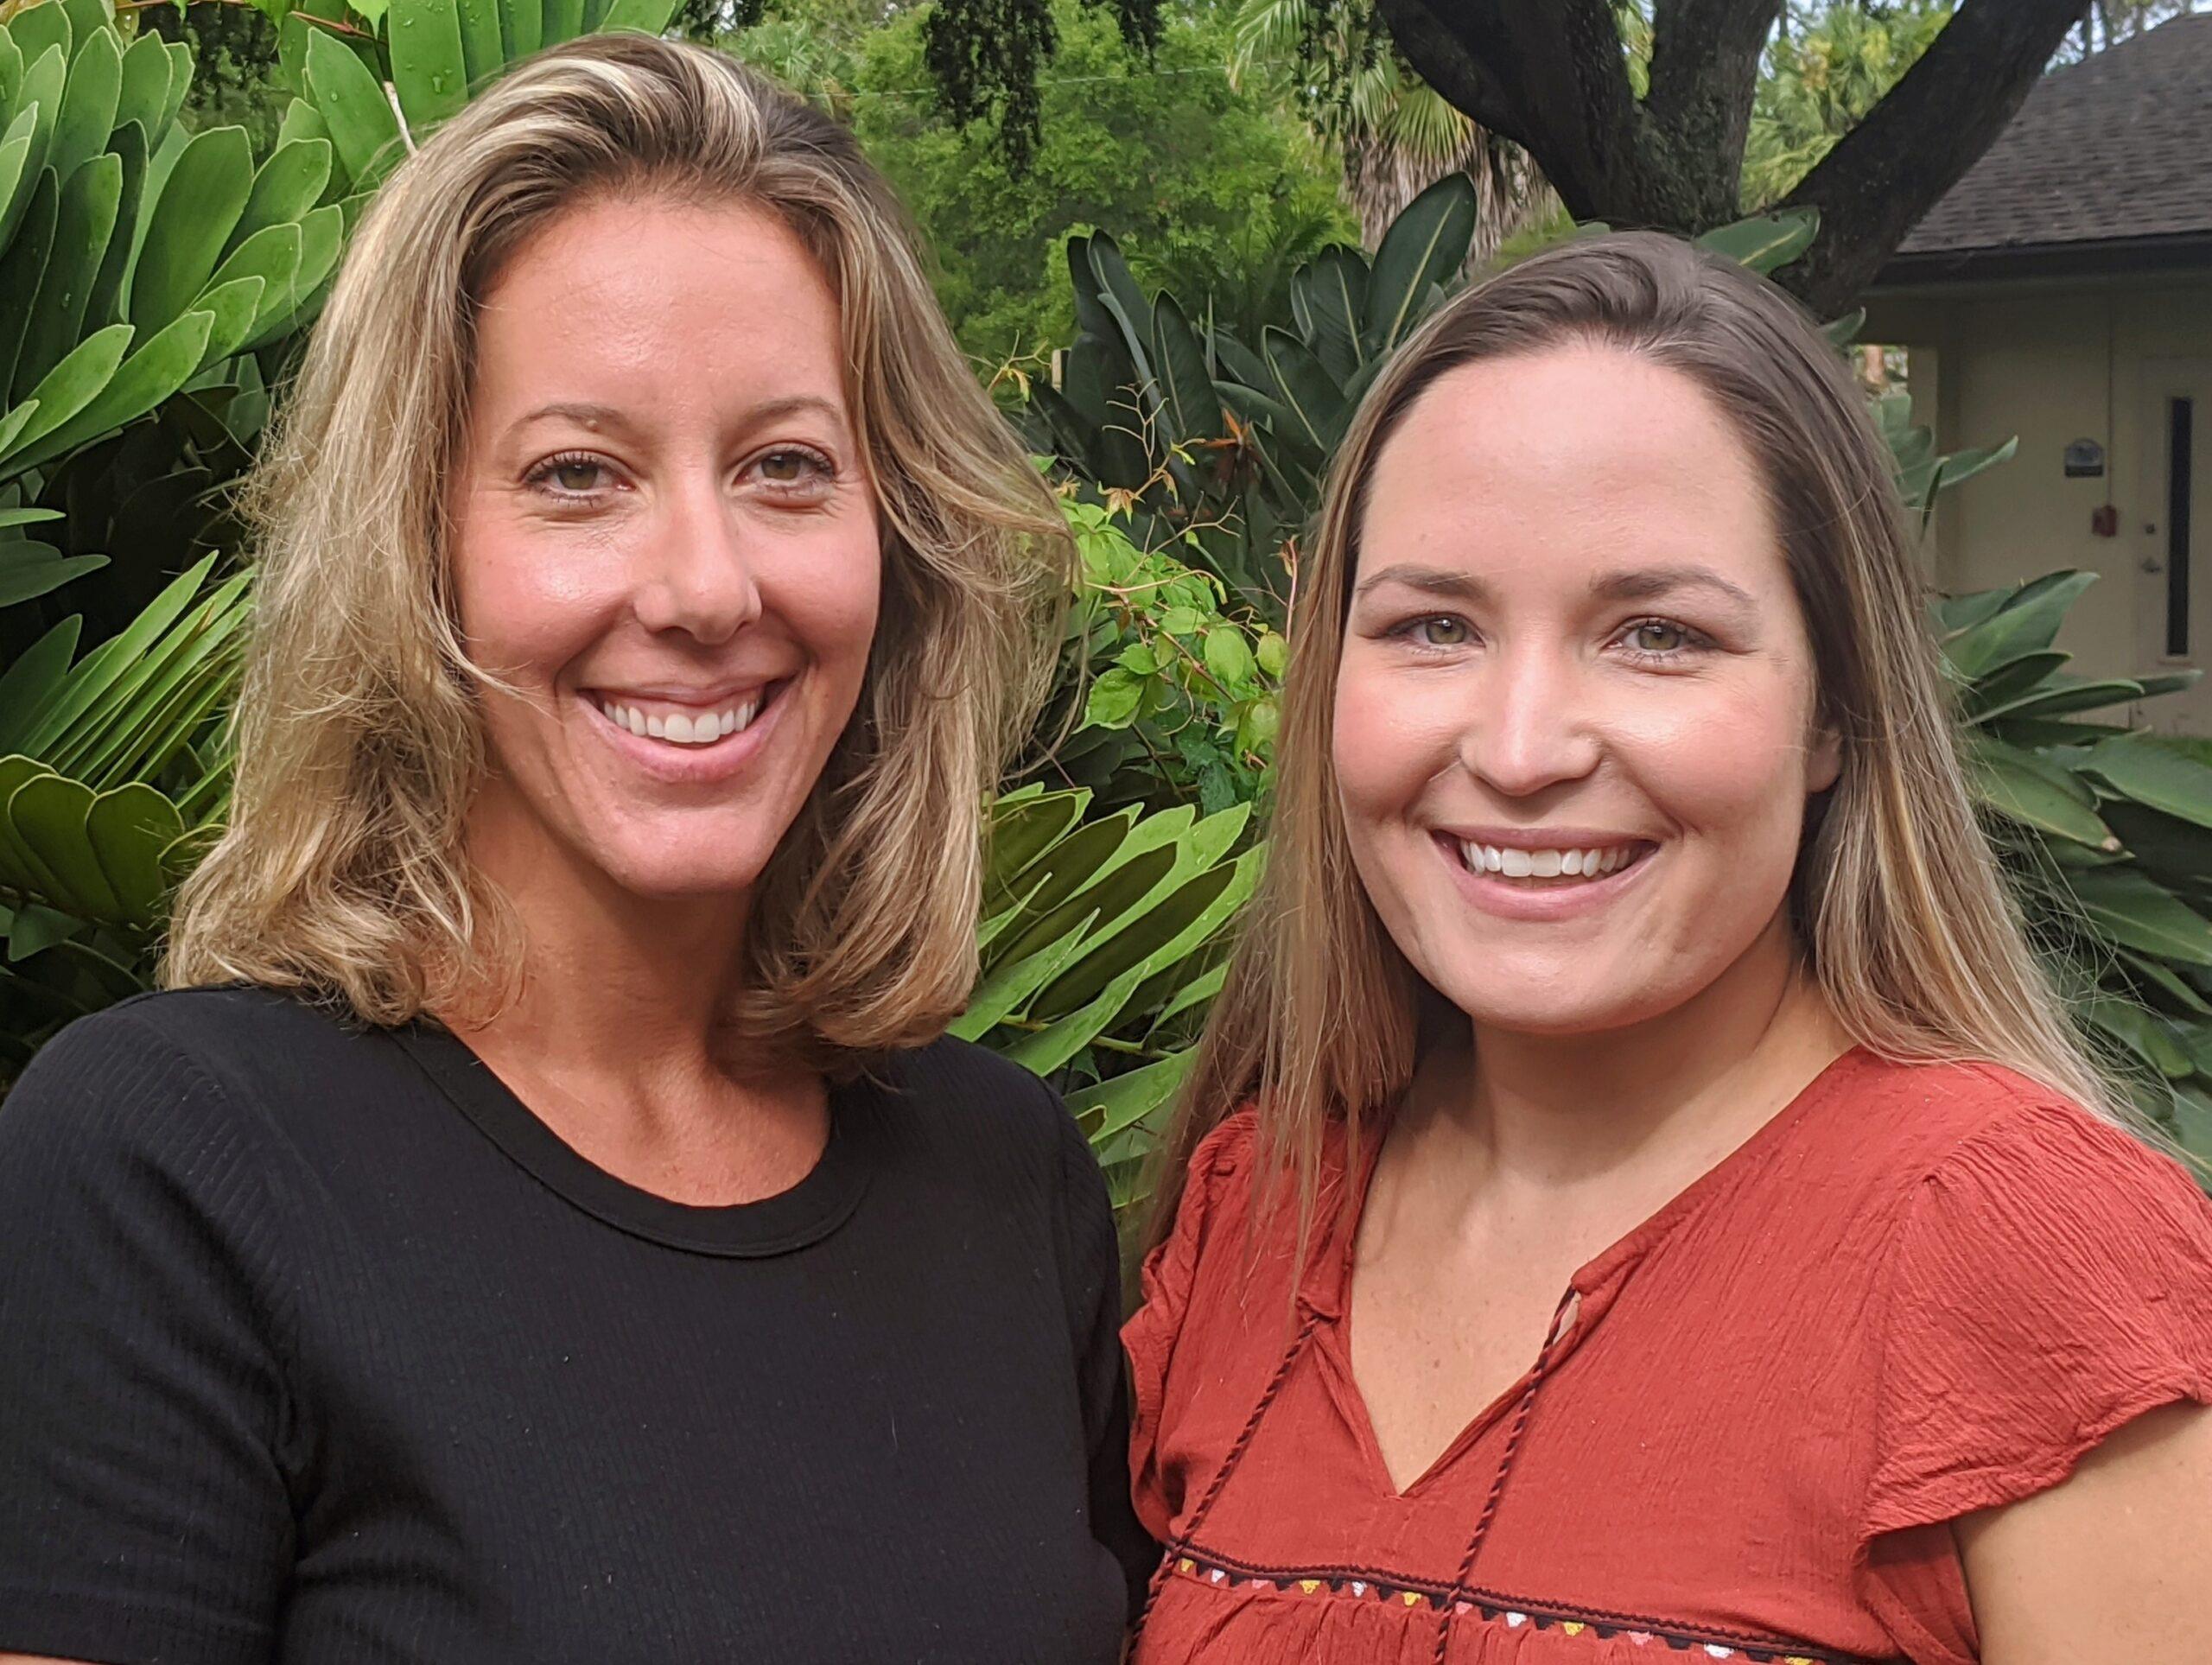 Mrs. Krewson & Mrs. Fleeman